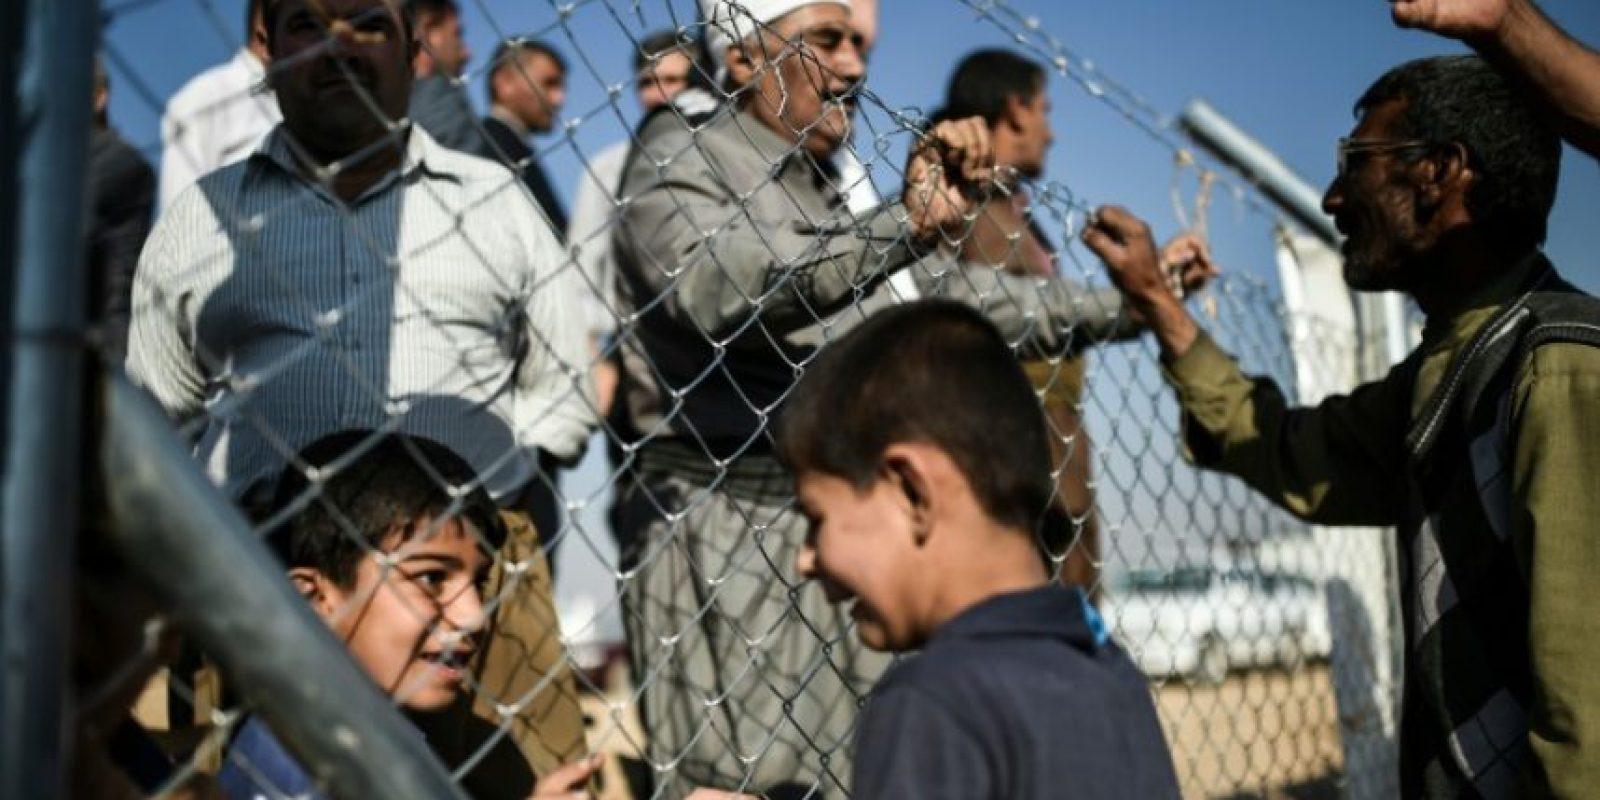 Un grupo de iraquíes habla con sus familiares que llegaron de visita al campo de refugiados de Khazir el 5 de noviembre de 2016 Foto:BULENT KILIC/afp.com